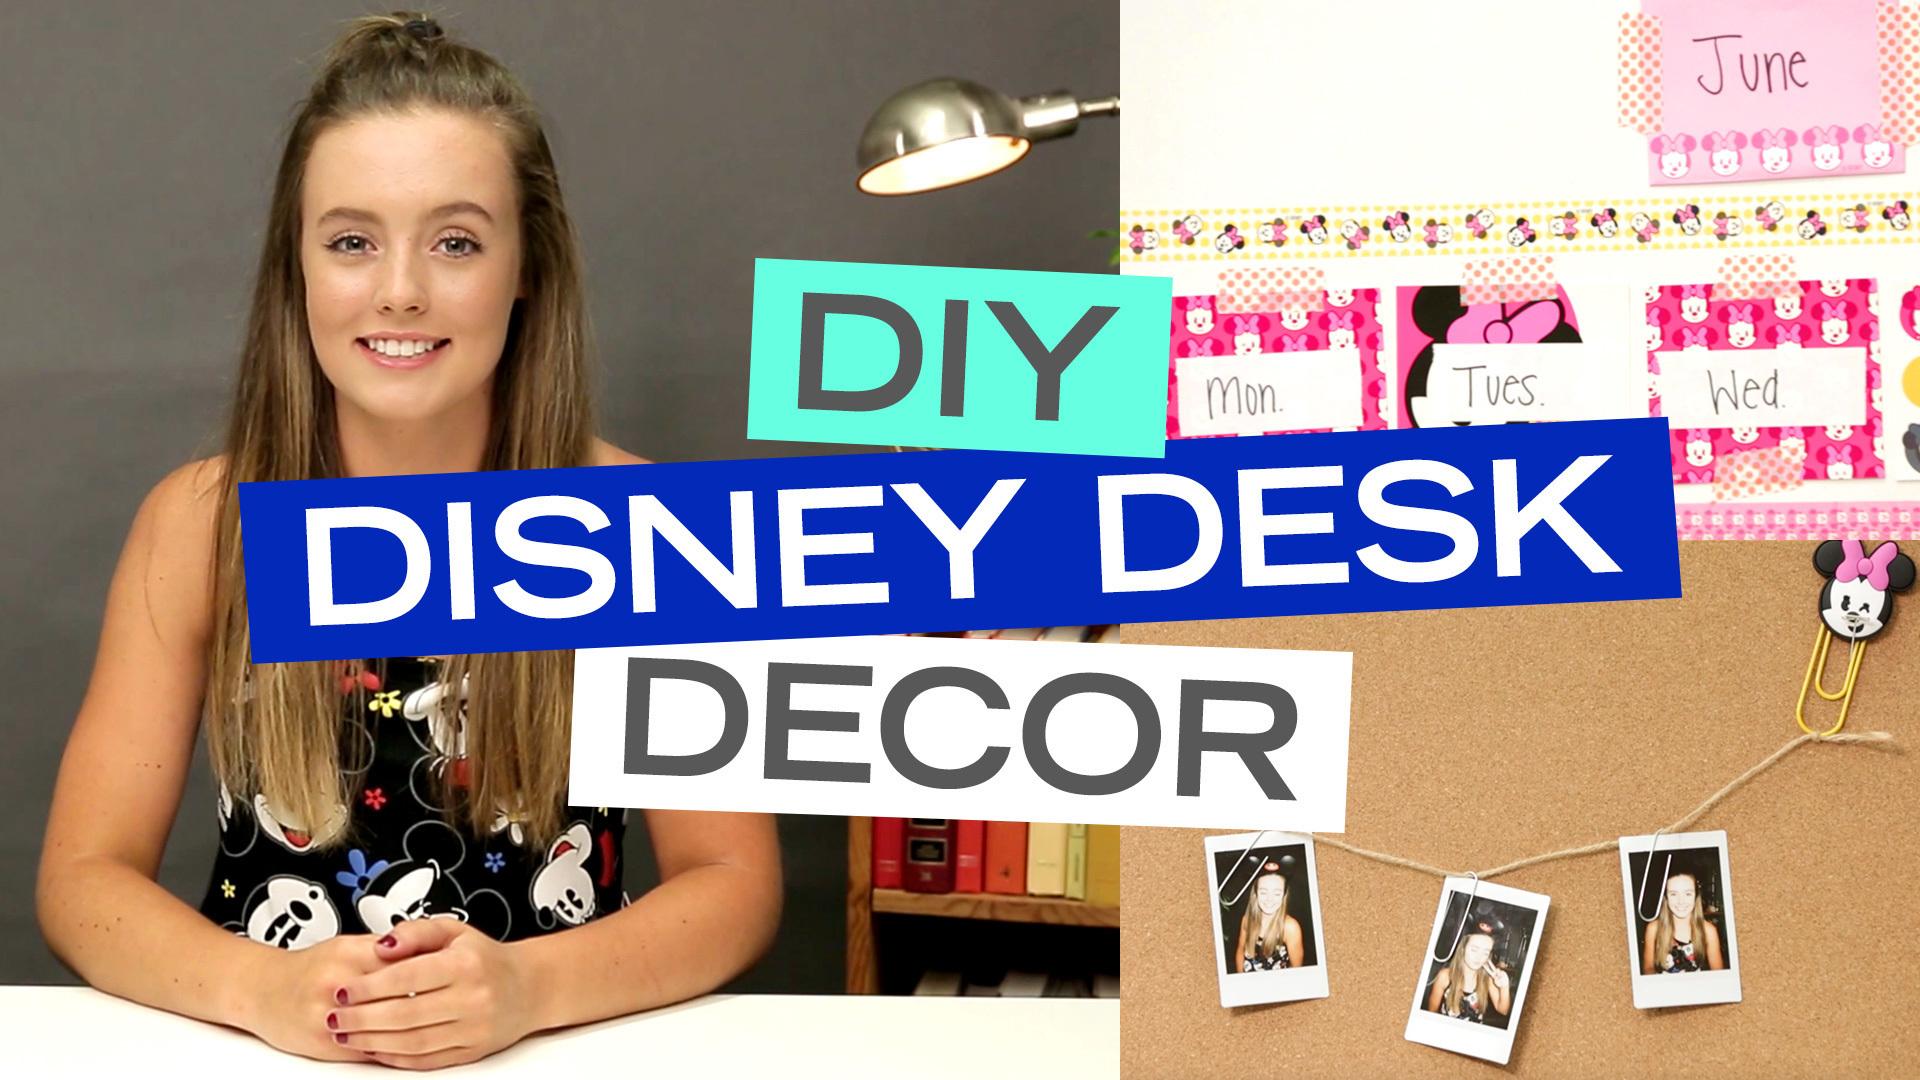 Disney Style: DIY Disney Desk Decor Ideas with Breezylynn